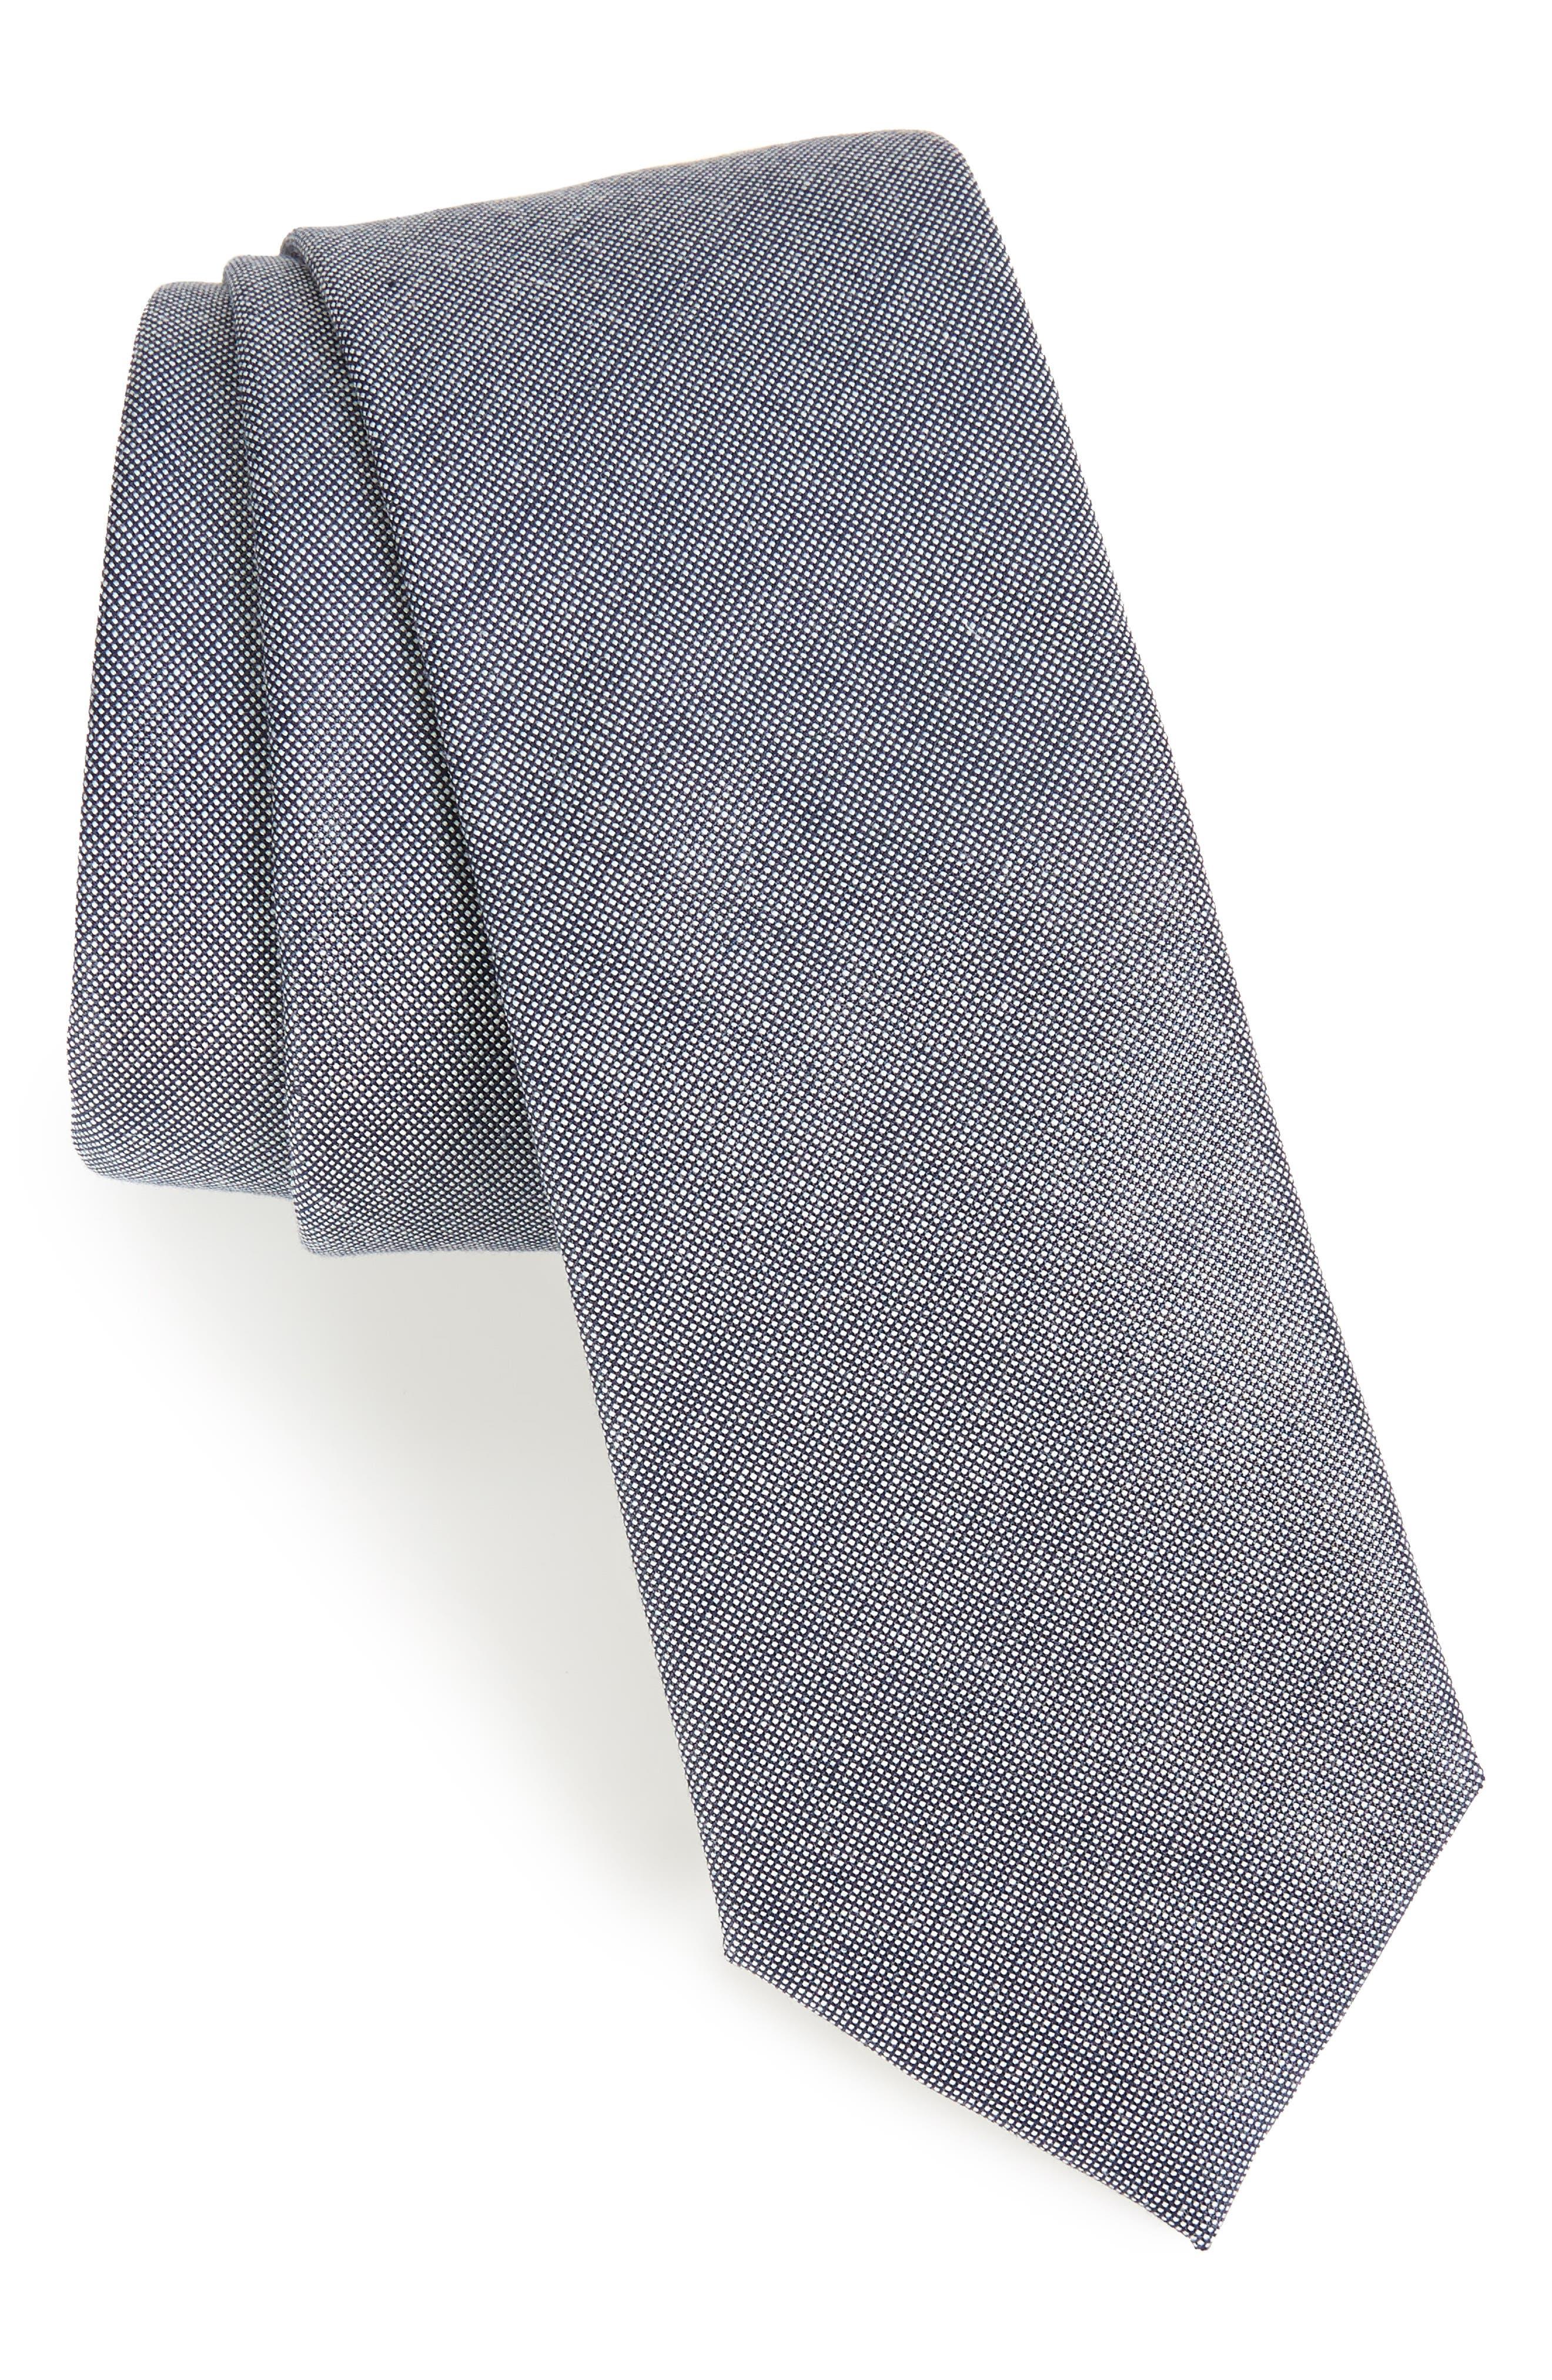 Combin Solid Cotton Blend Tie,                         Main,                         color,